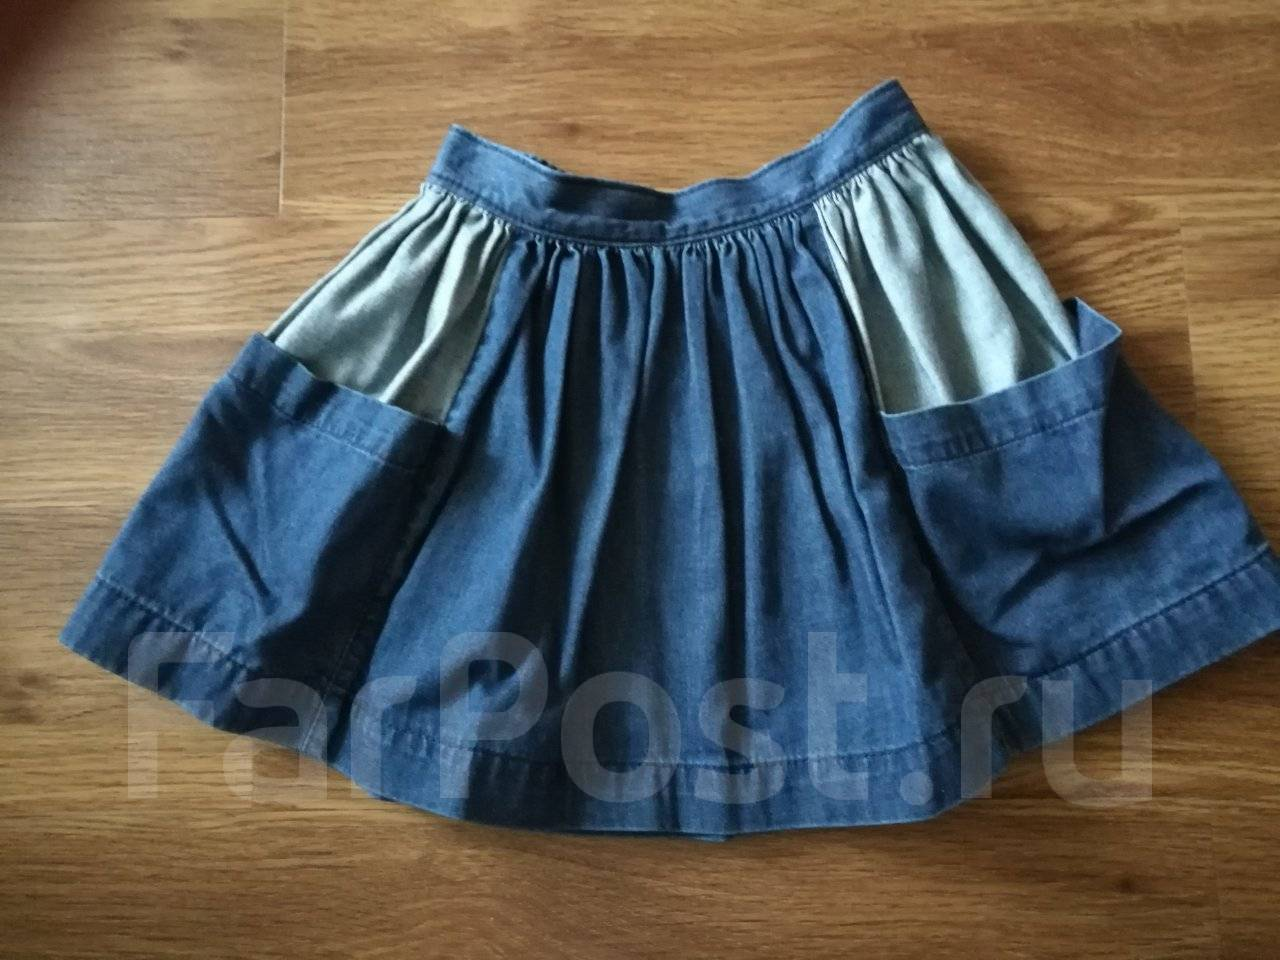 76605c2a04c Юбки во Владивостоке - купить детскую одежду. Одежда основная для детей